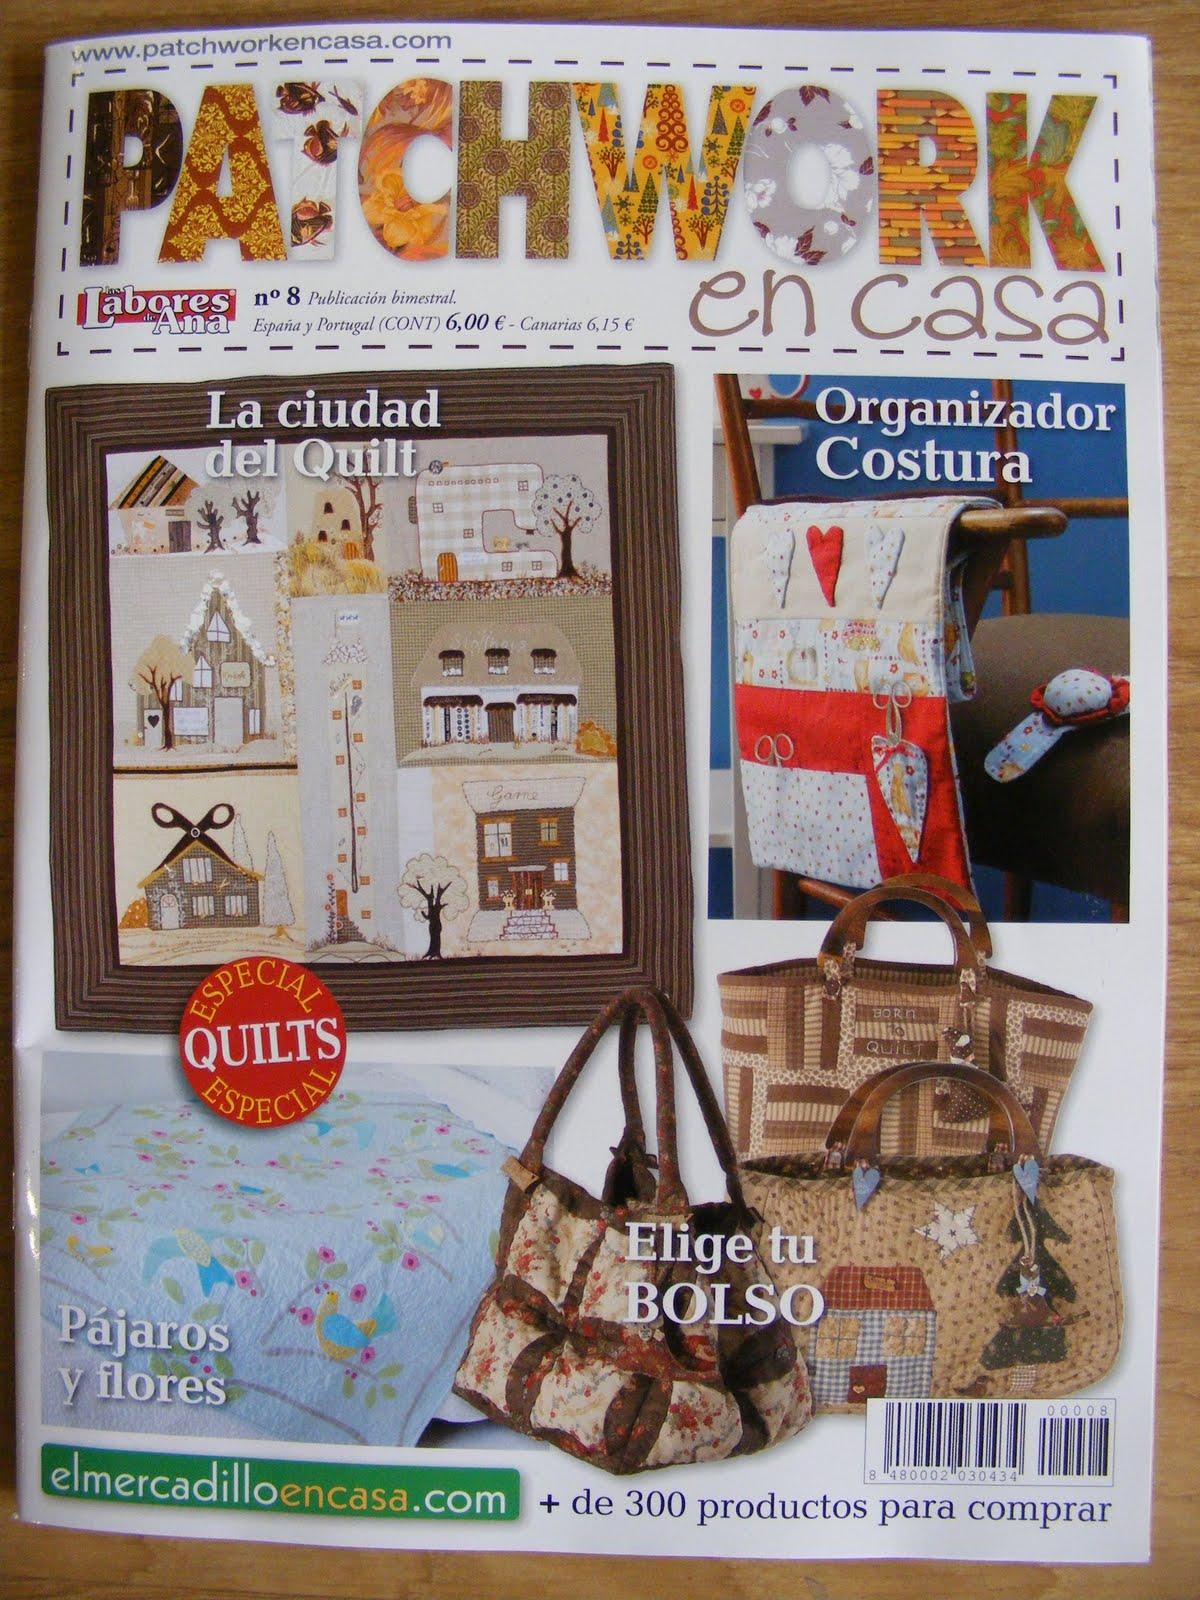 Bessones tienda online revista patchwork en casa - Patchwork en casa ...